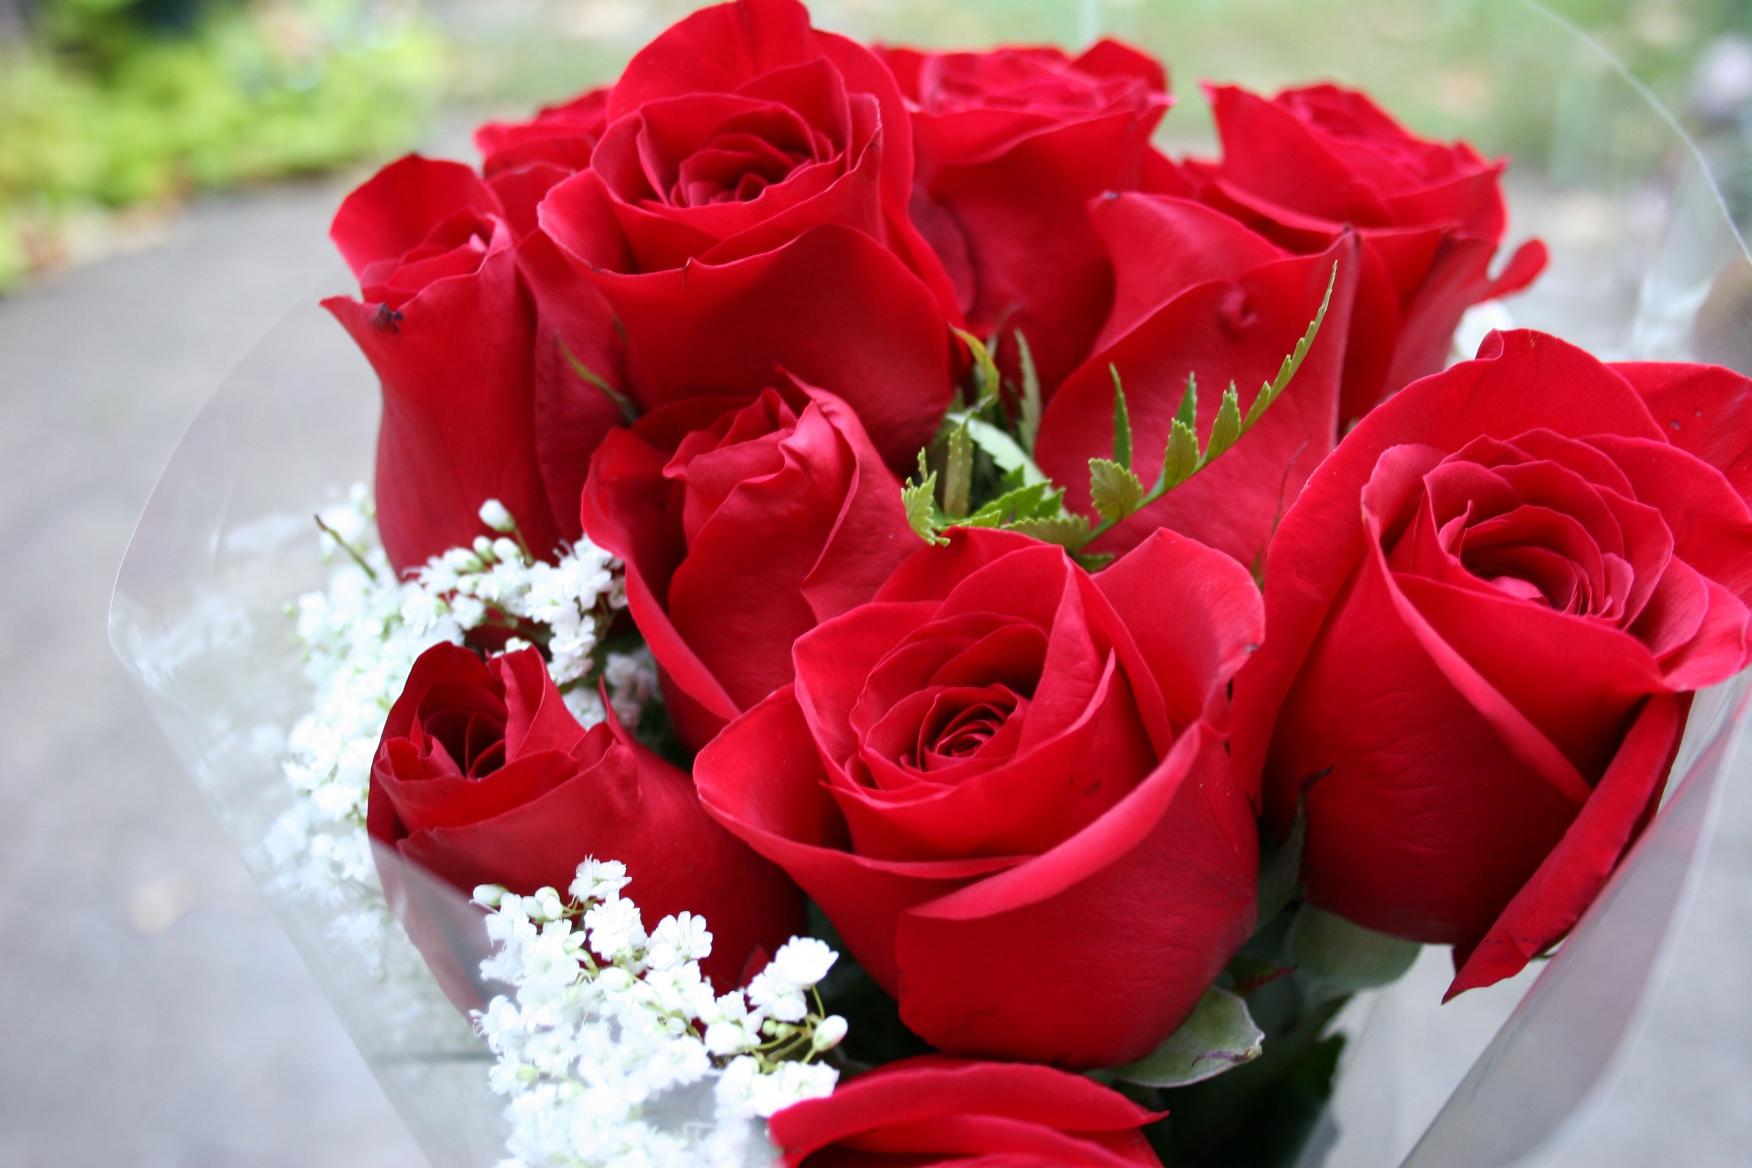 صورة اجمل صور الورد , الجمال يتكلم بحب 5915 6